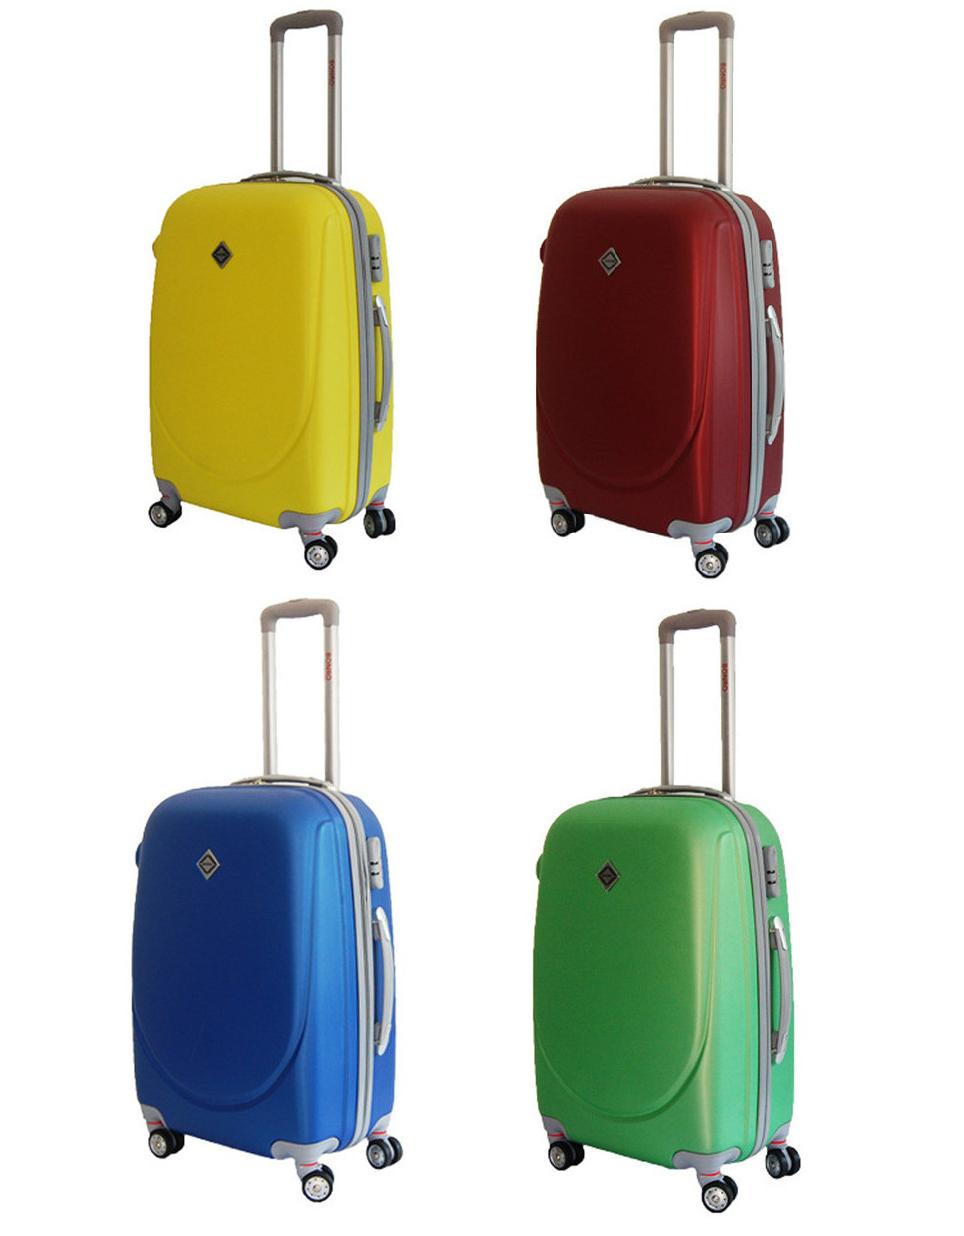 Дорожній чемодан Bonro Smile пластиковий з подвійними колесами (Великий)